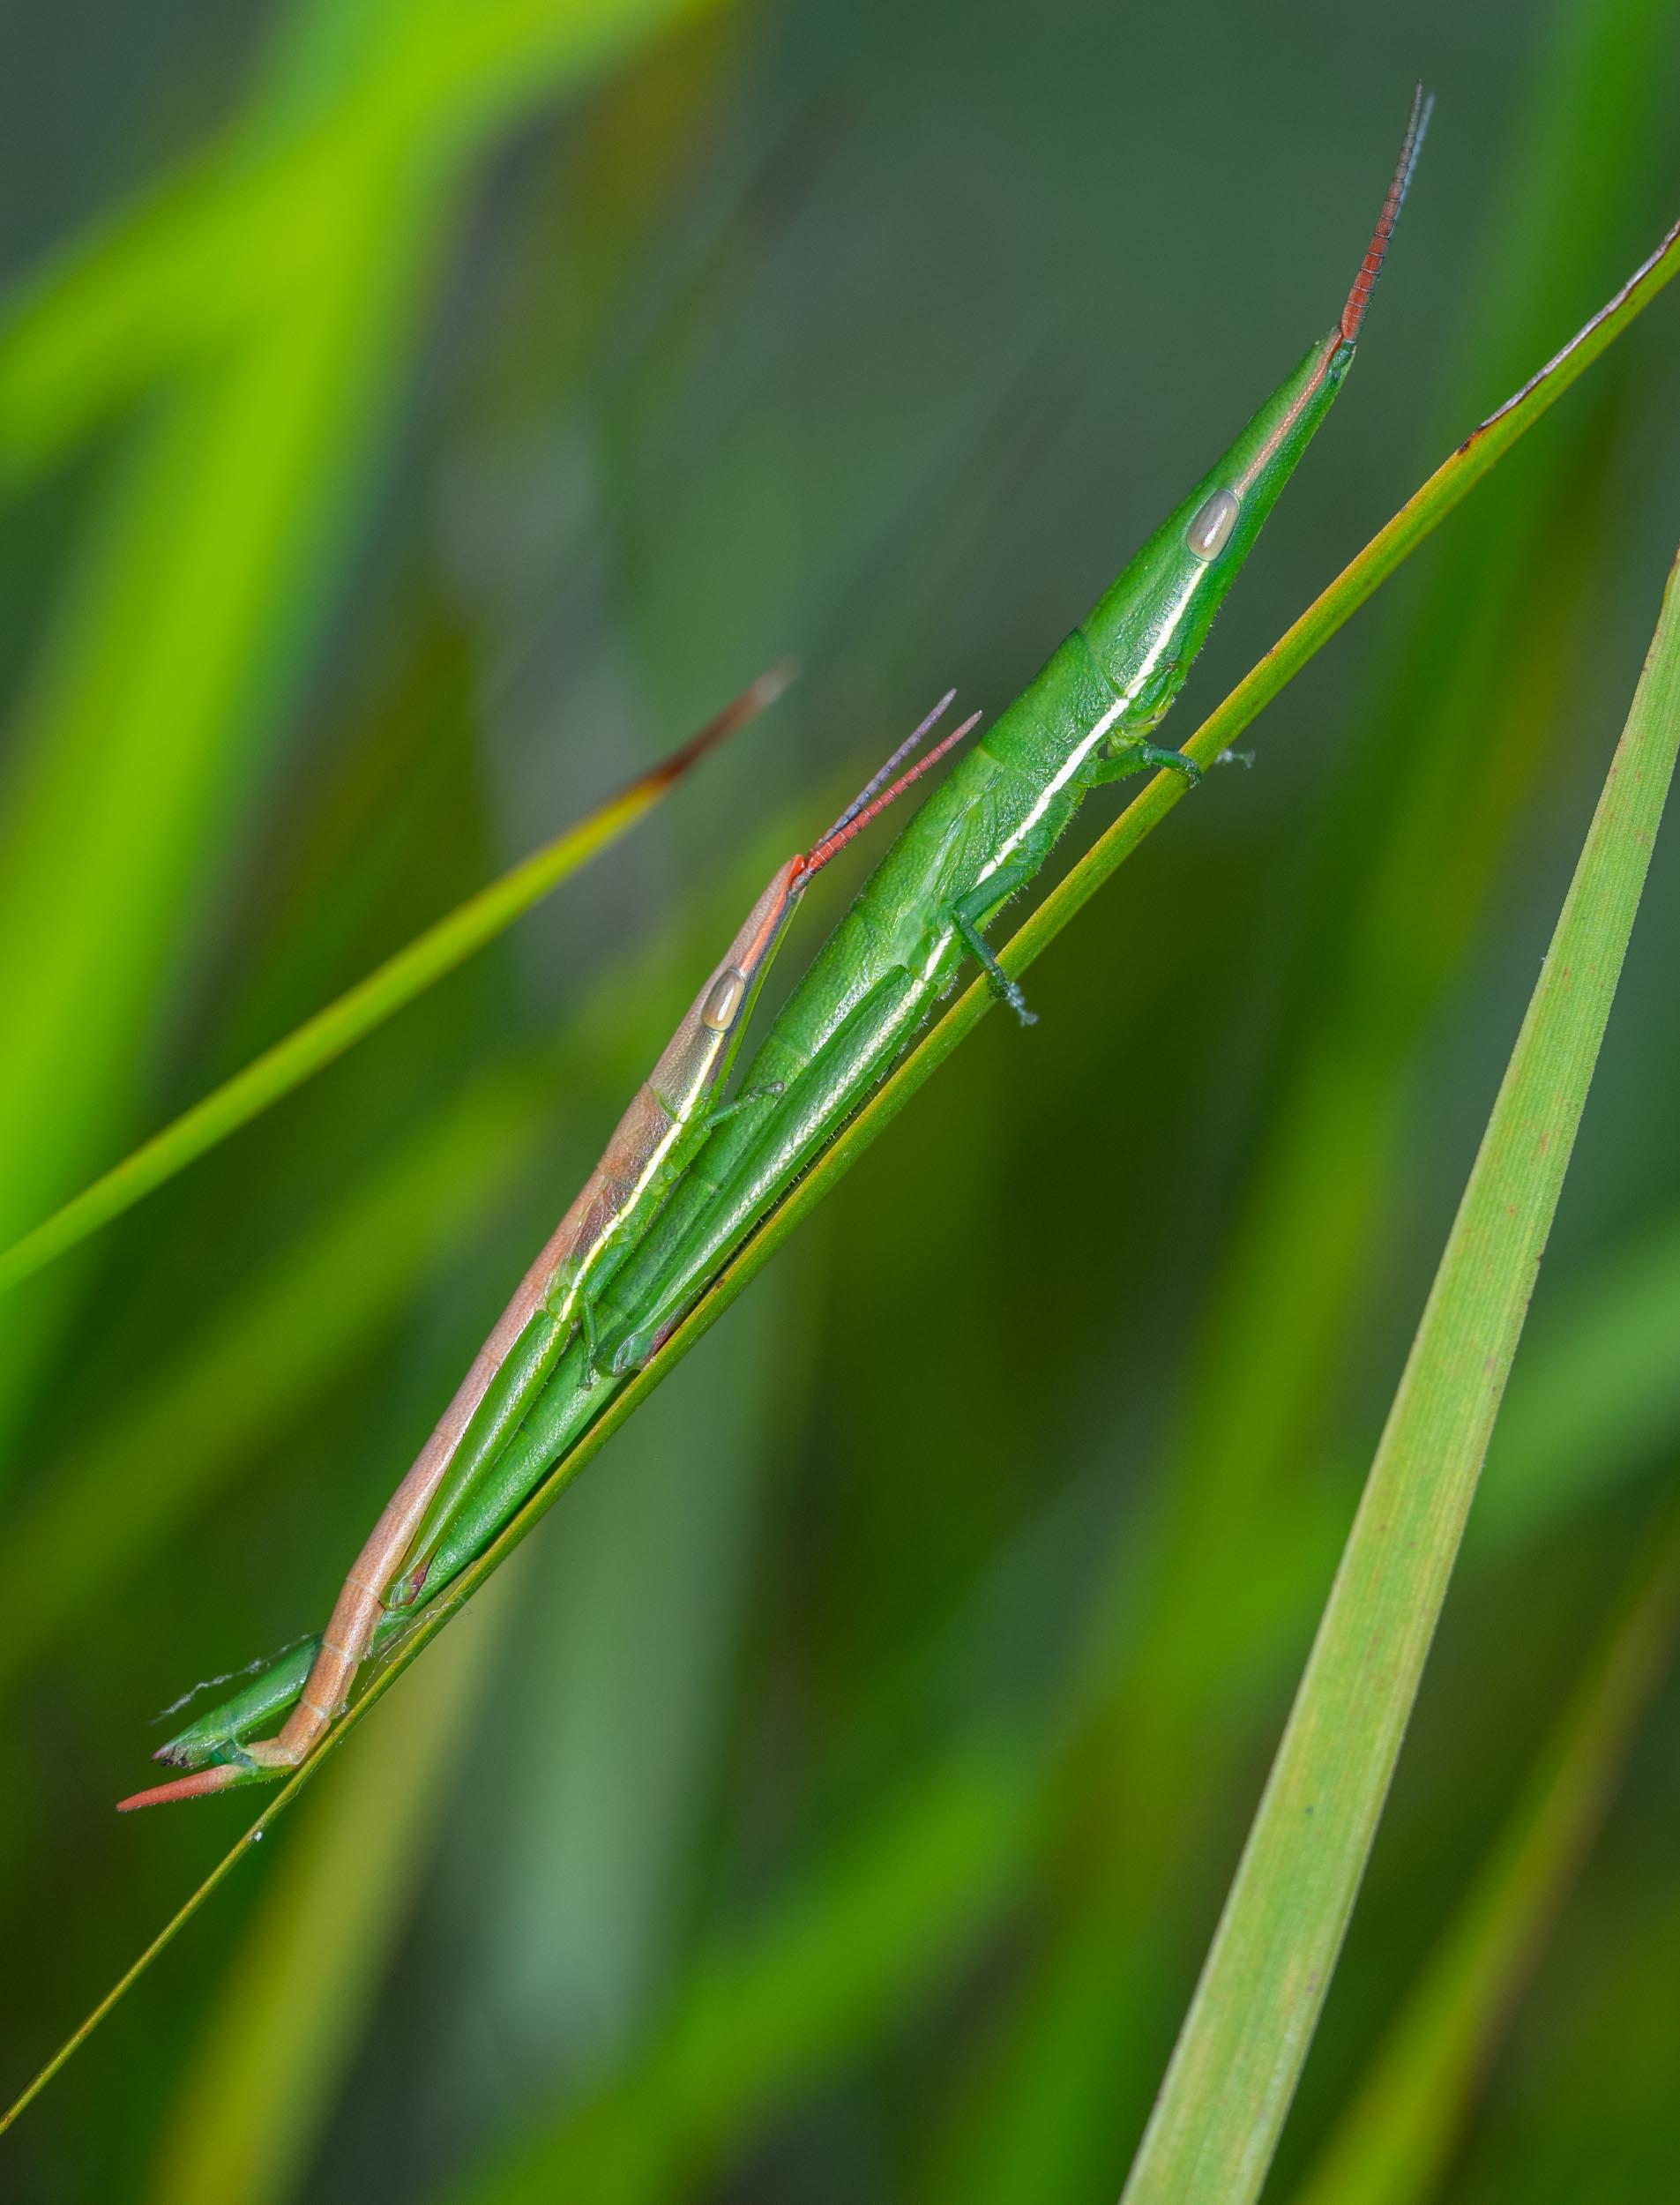 Psednura grasshoppers